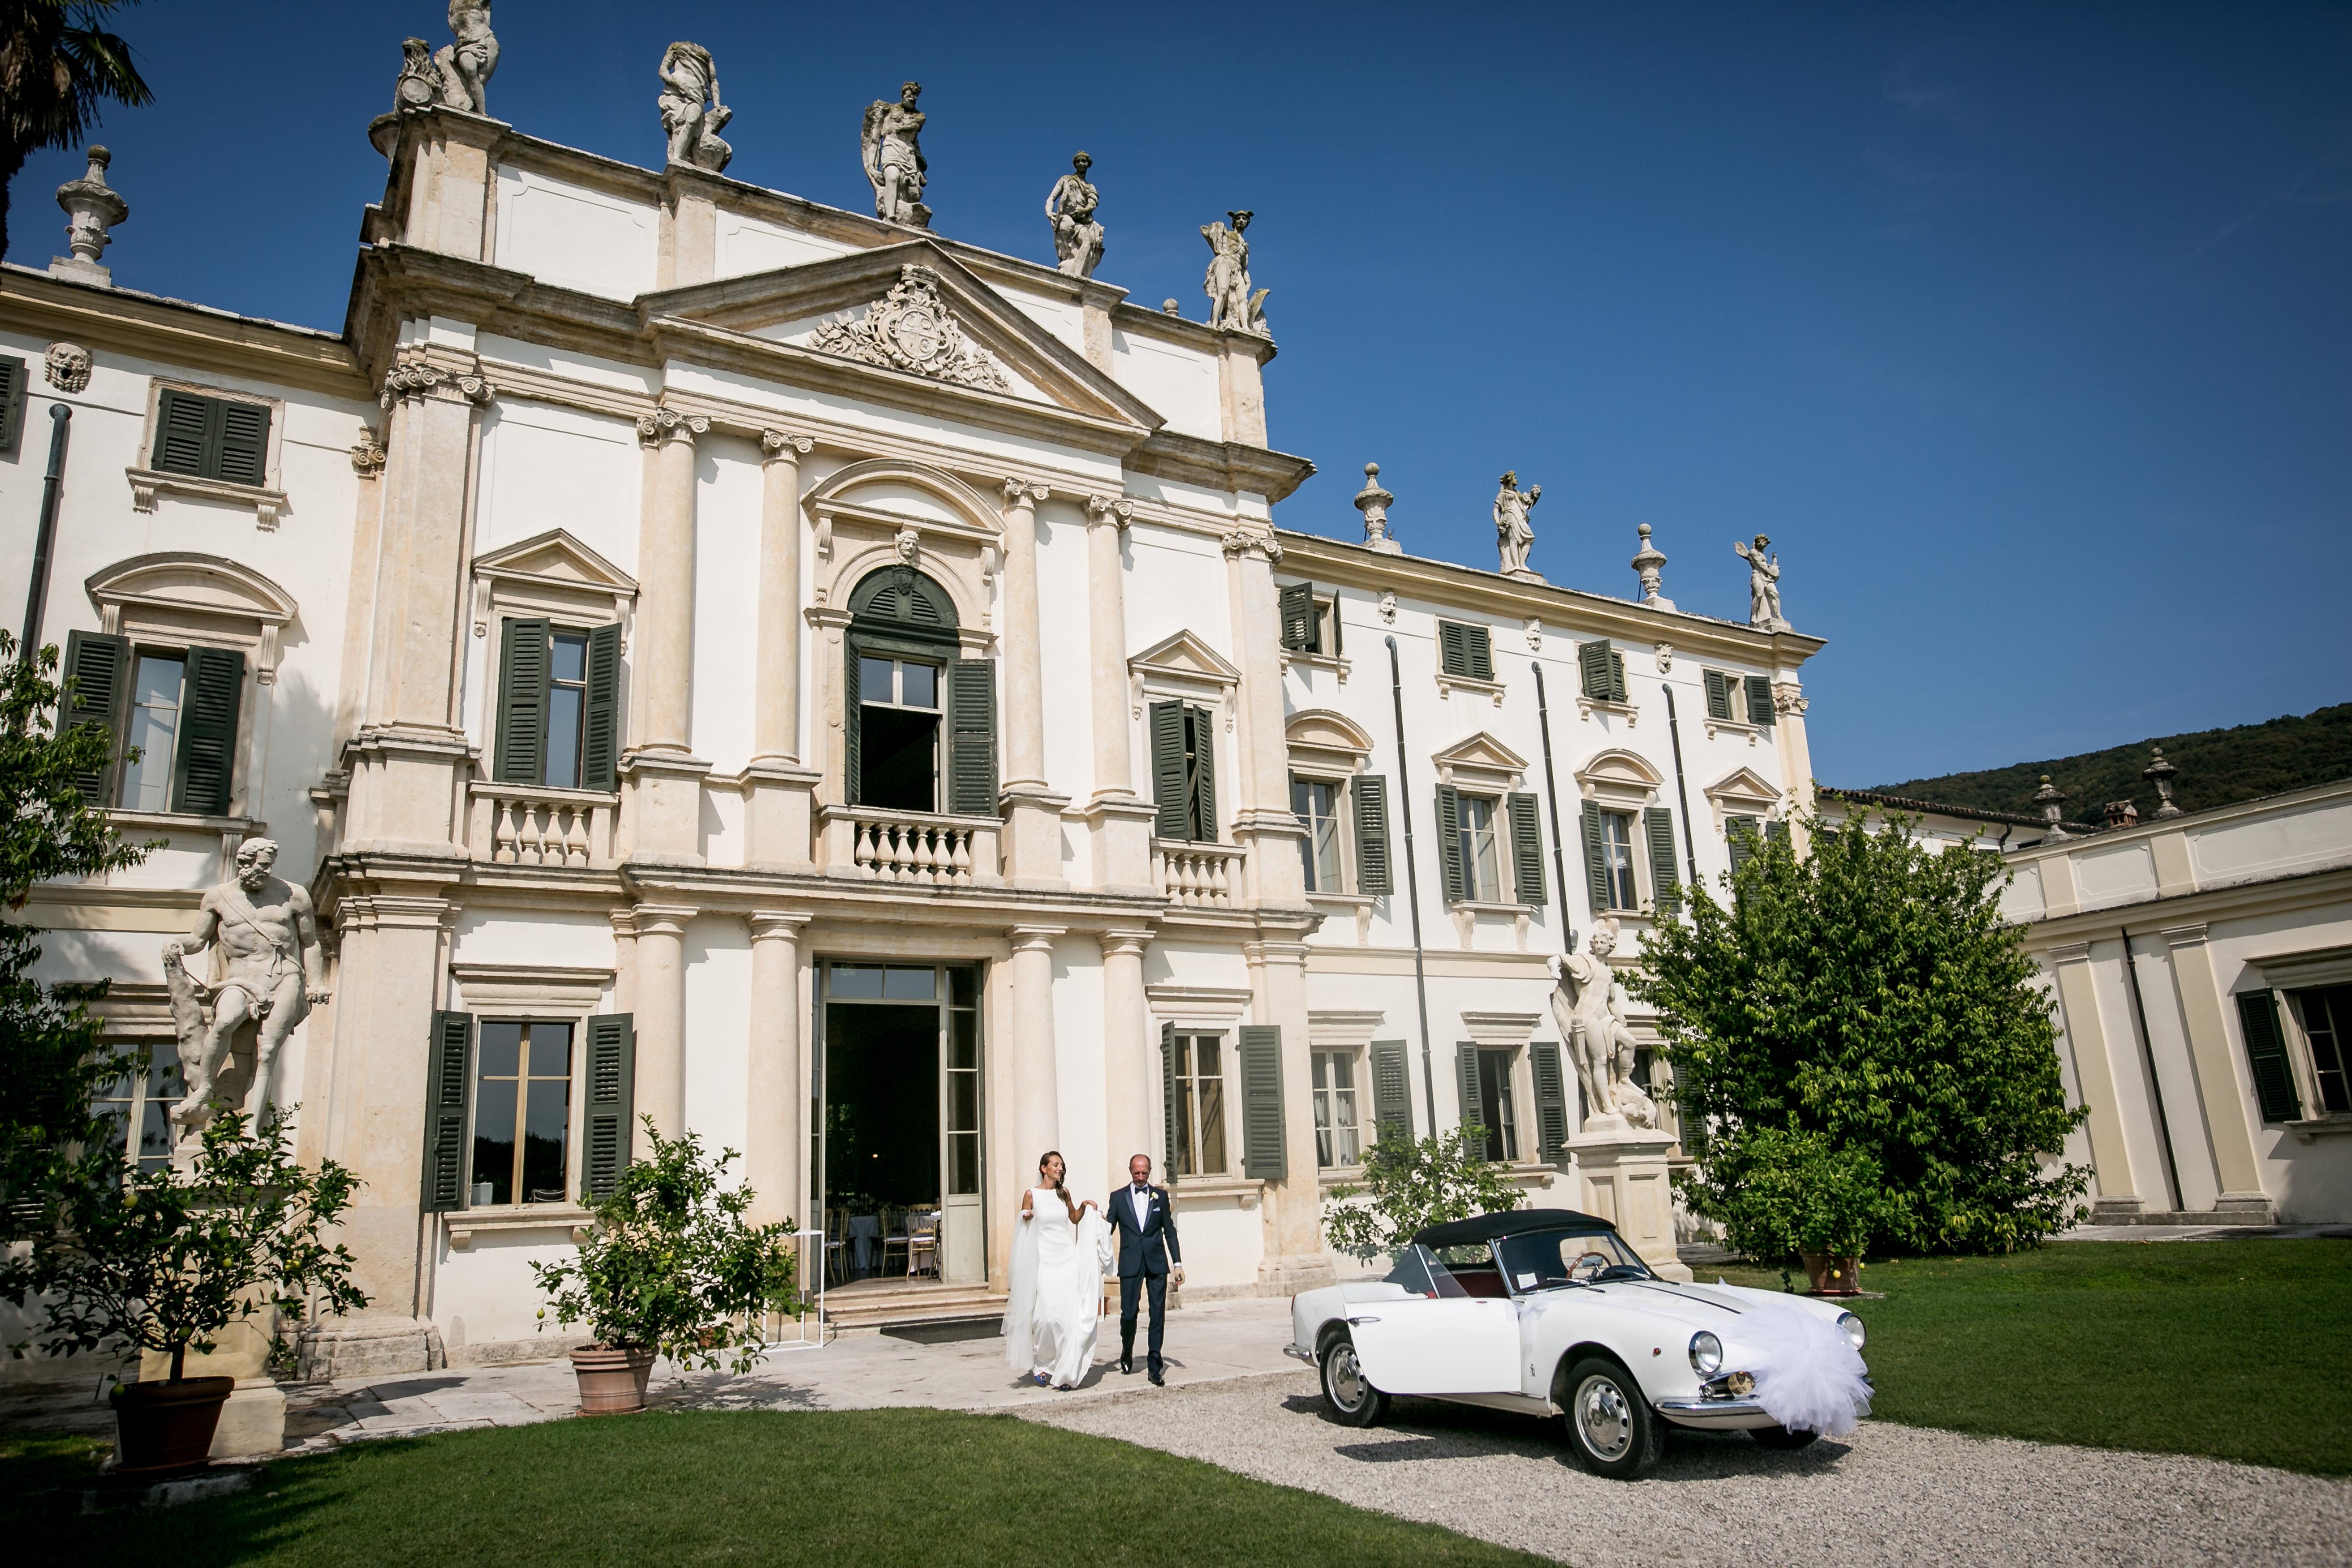 0007_gilberti_ricca_villa_mosconi_bertani_fotografi_matrimonio